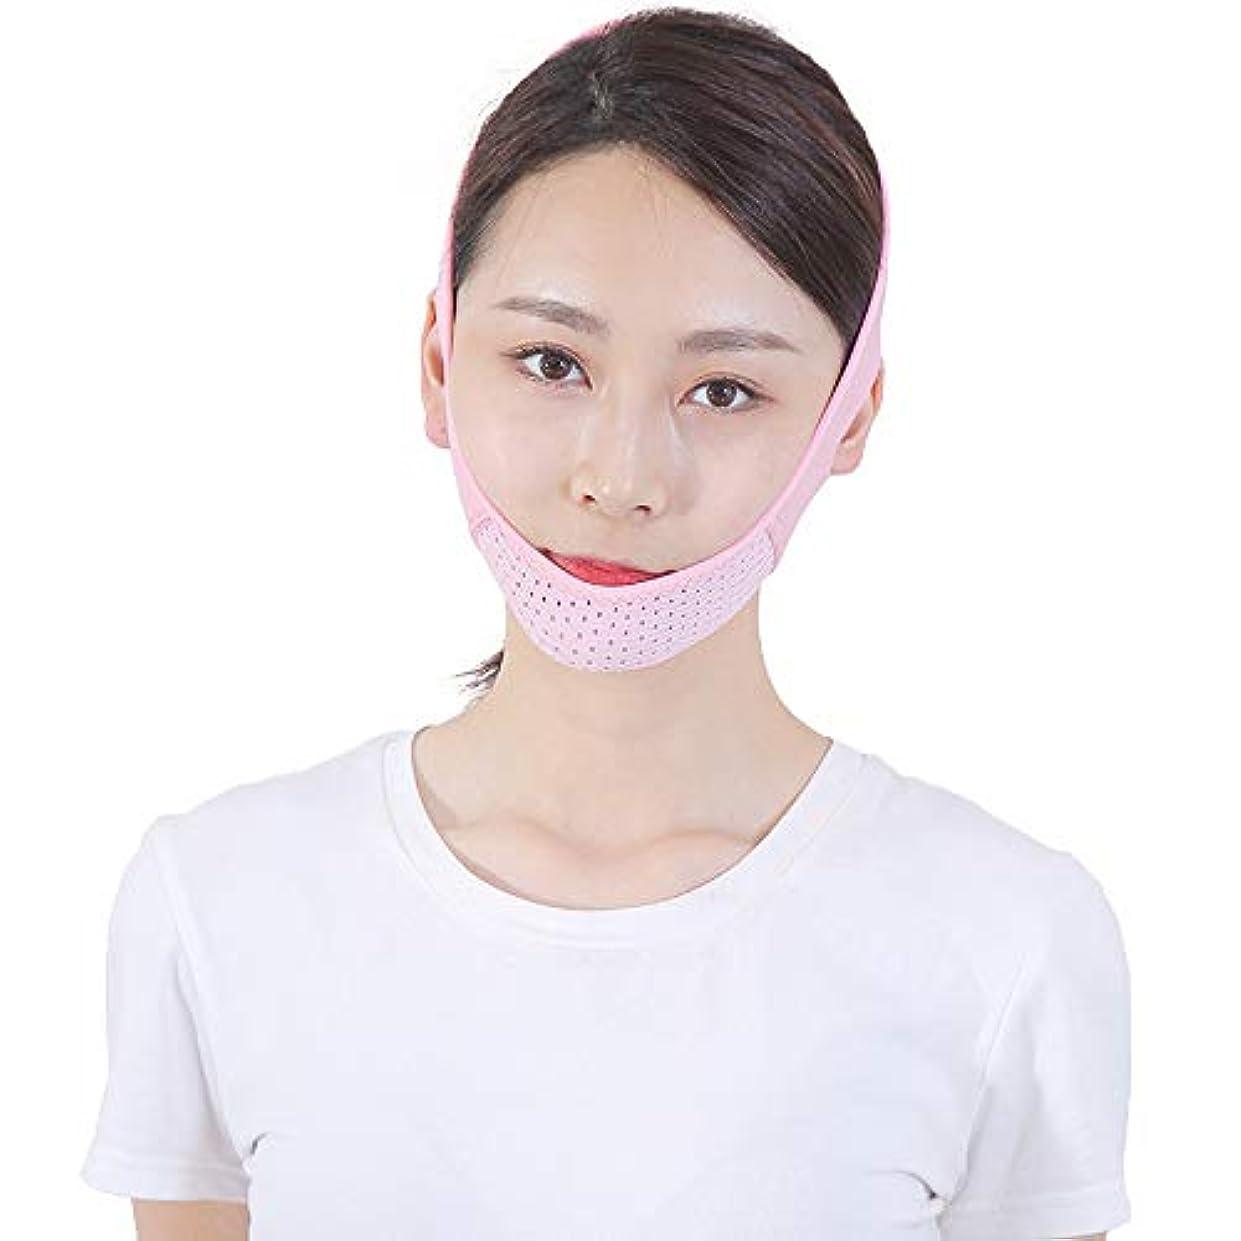 不平を言う胚芽くぼみ薄い顔のベルト - 薄い顔のベルト 顔の包帯ダブルチンの顔リフトの人工物Vのフェイスベルト薄い顔のマスク 美しさ